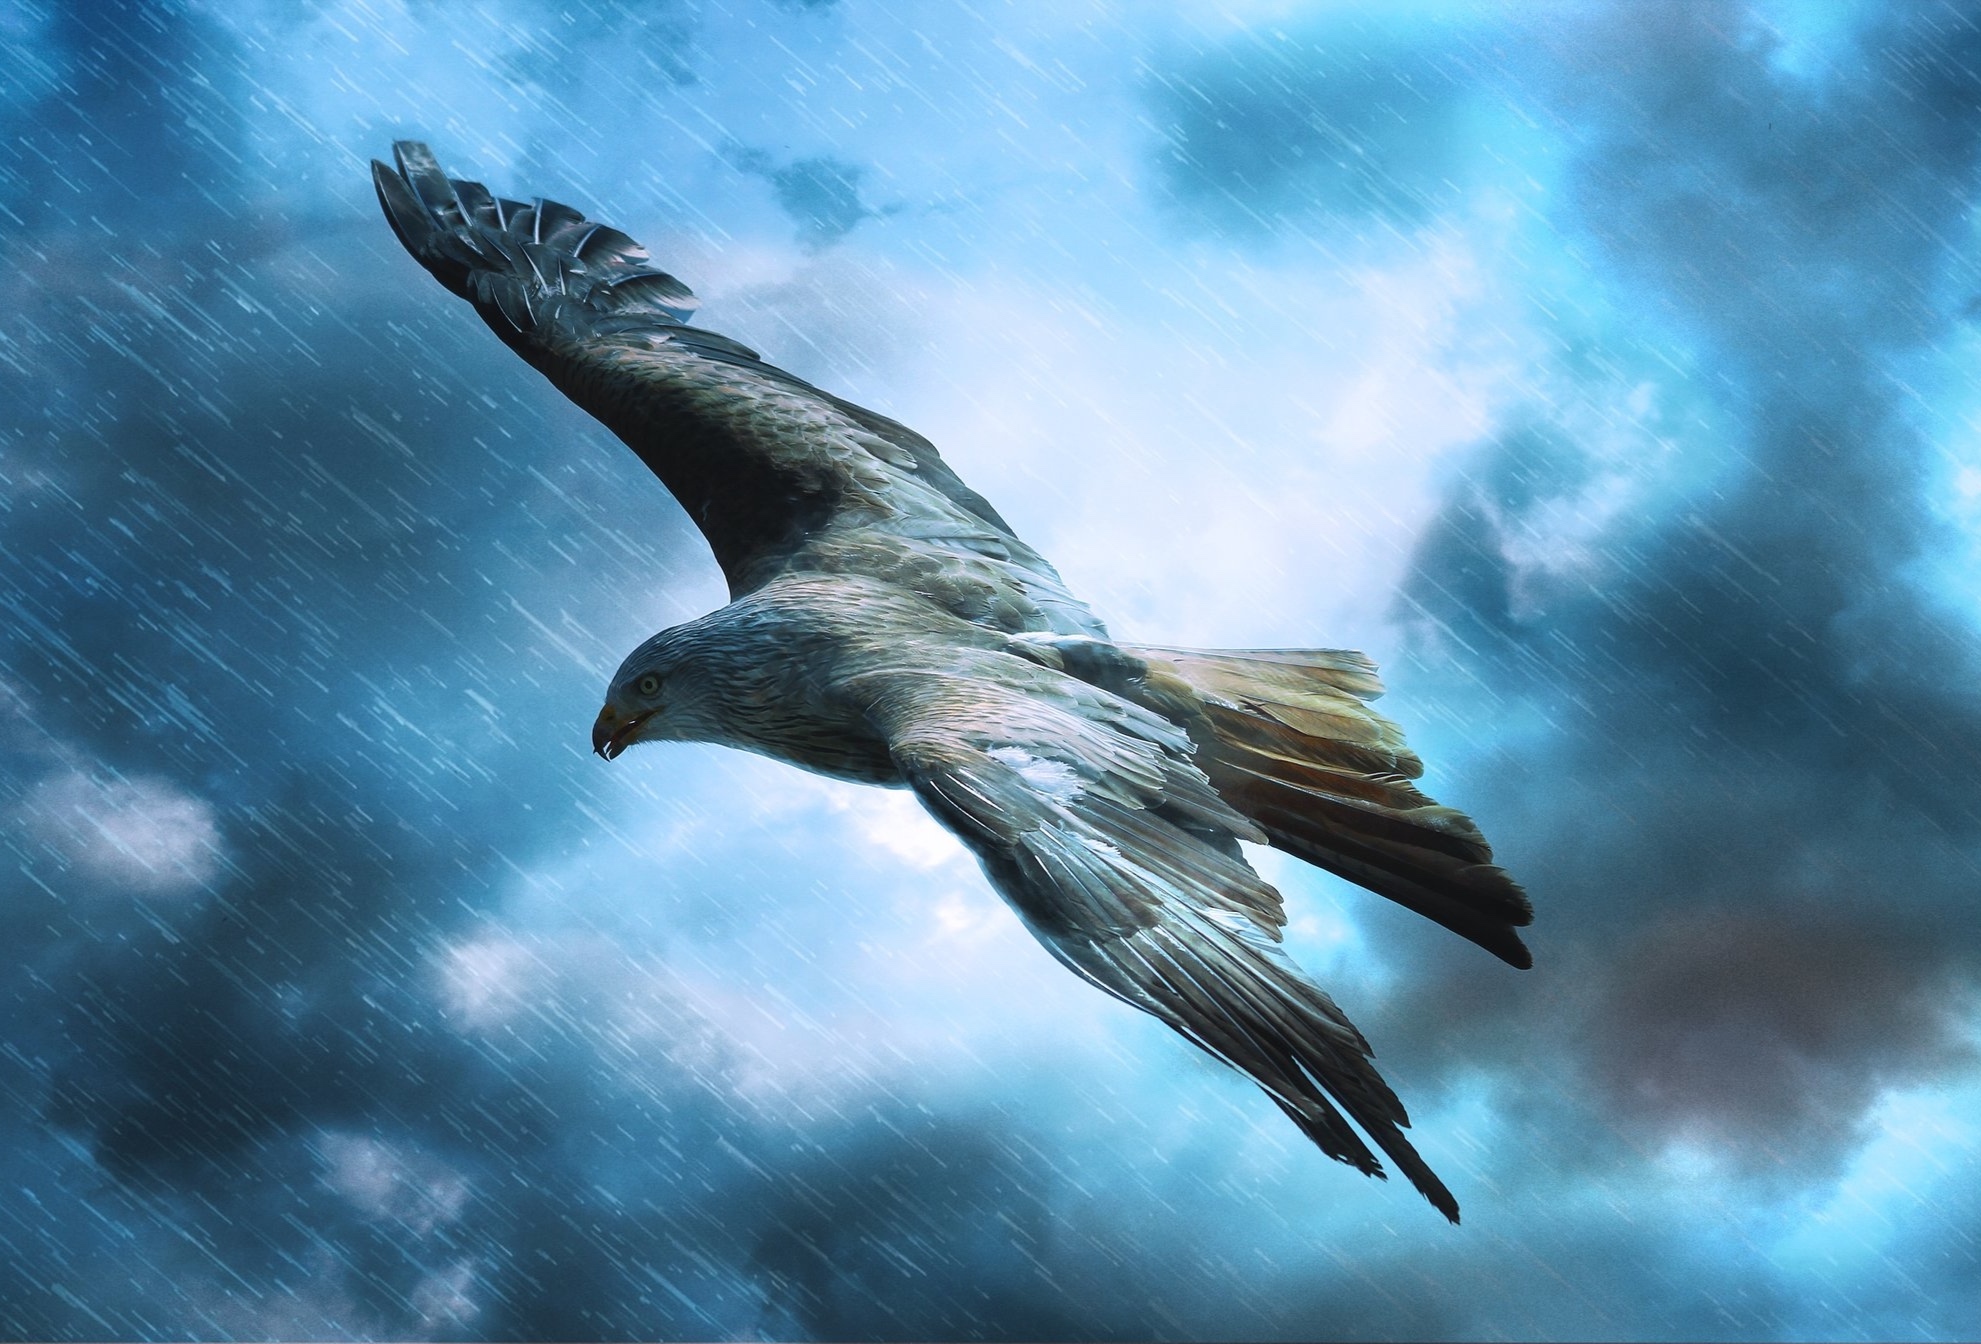 Bird+Storm.jpg